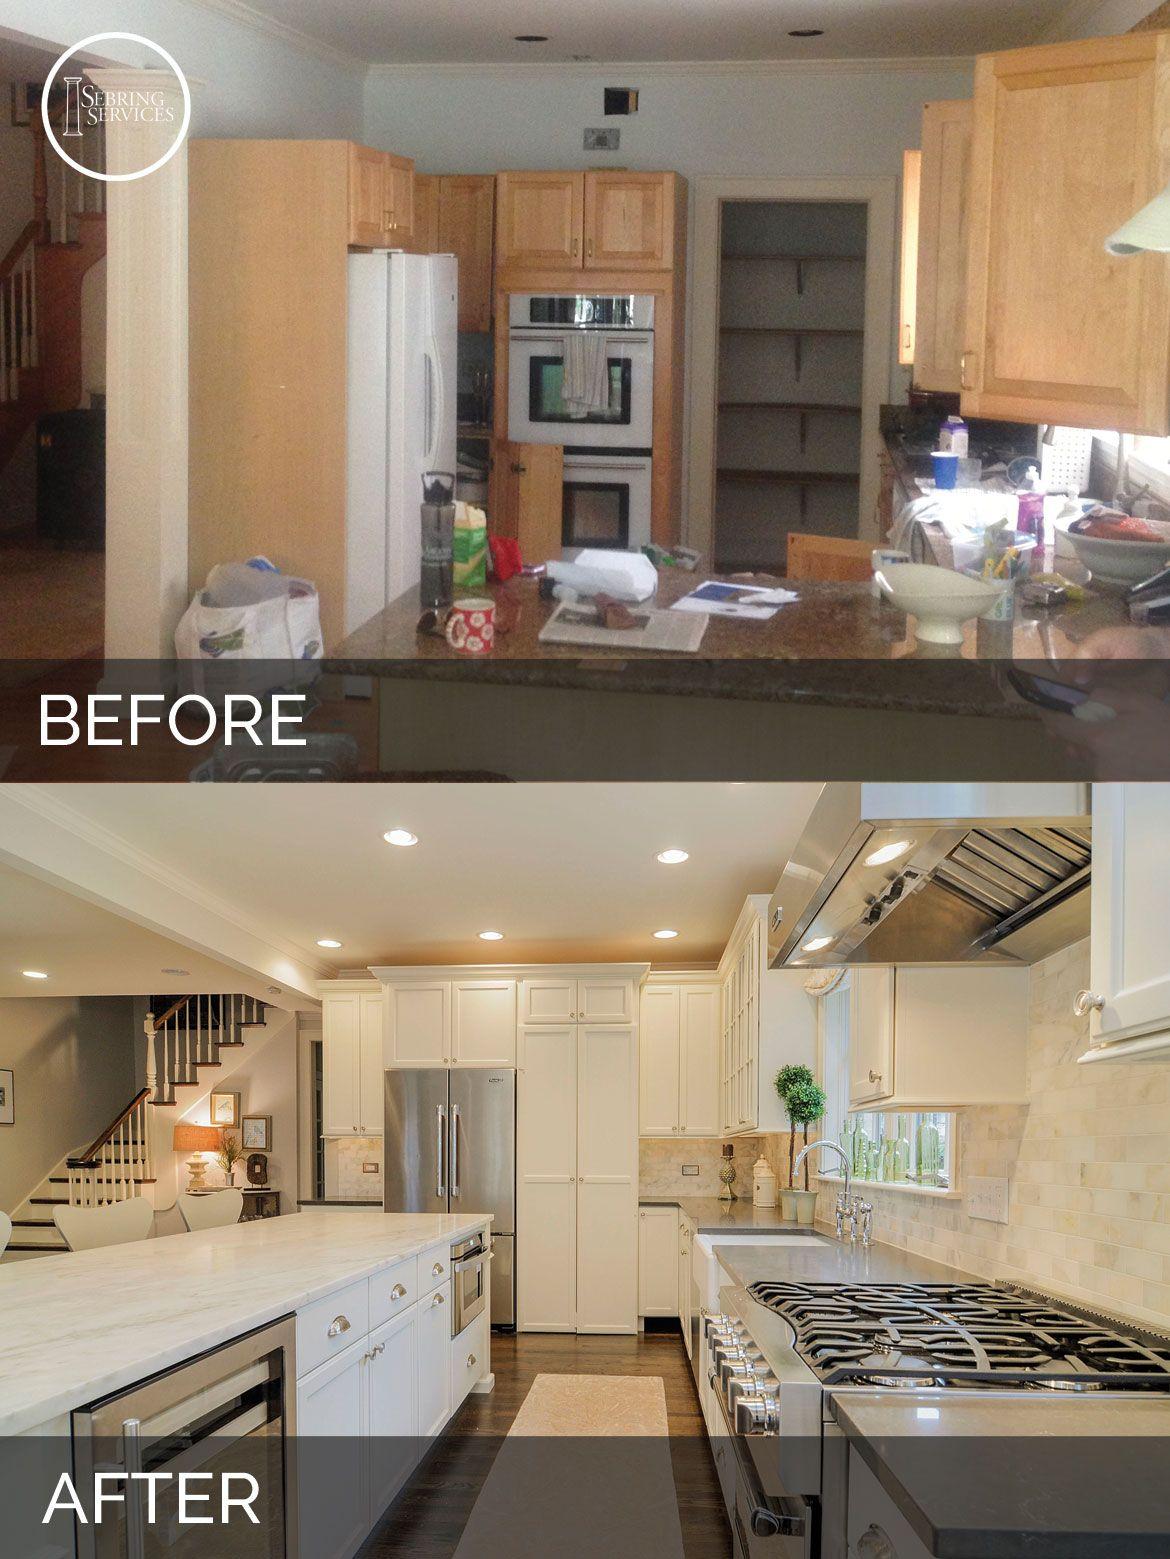 Küchendesign für eigentumswohnung before and after kitchen remodeling  sebring services  vorher